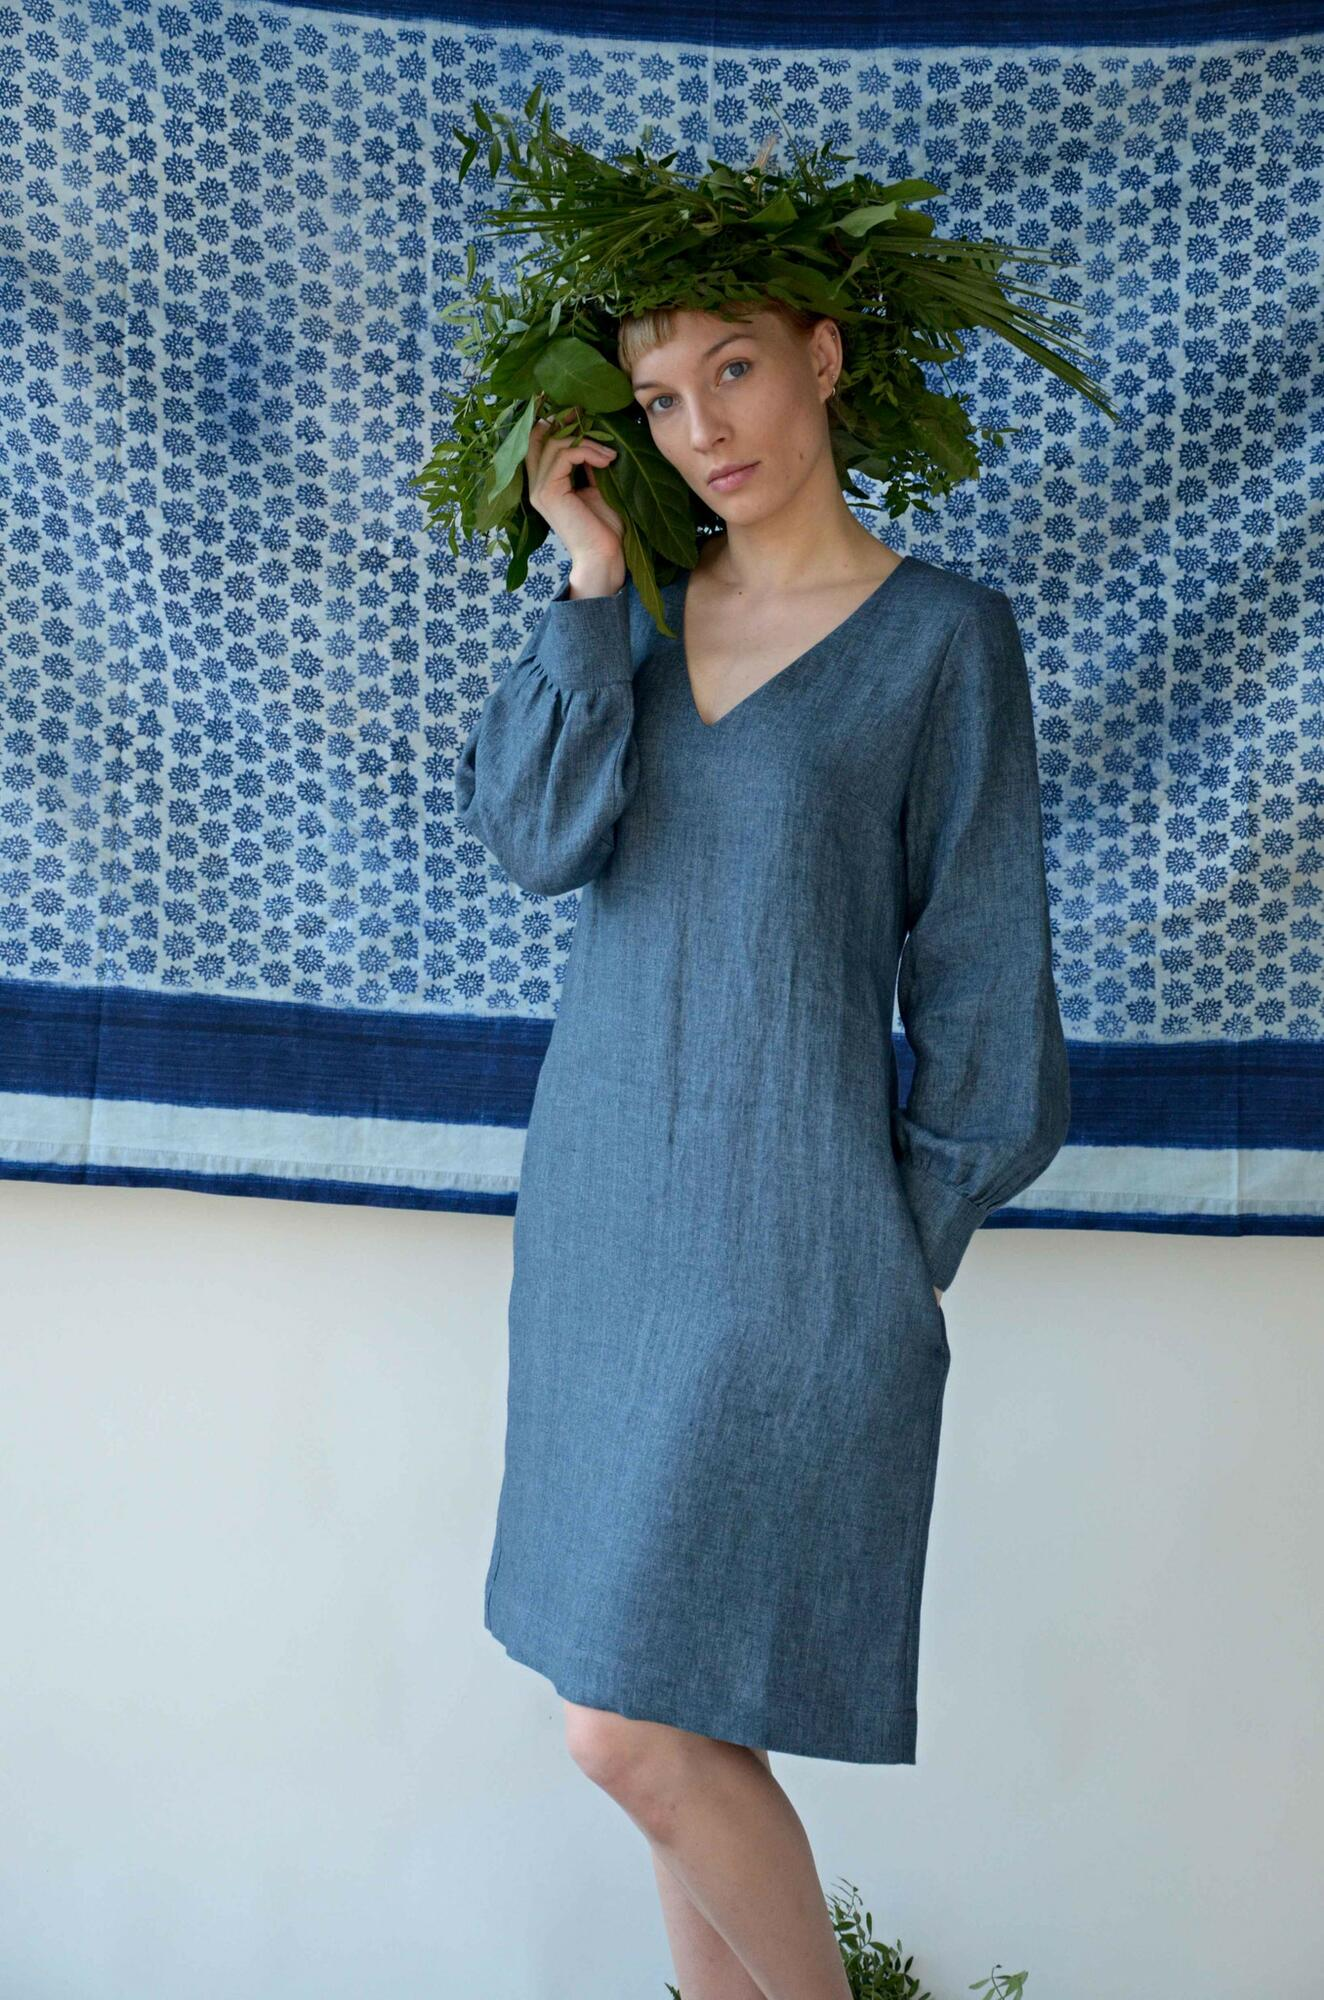 Sukienka No5 lniana w kolorze melanżowego dżinsu - Bäckerei Bytom | JestemSlow.pl